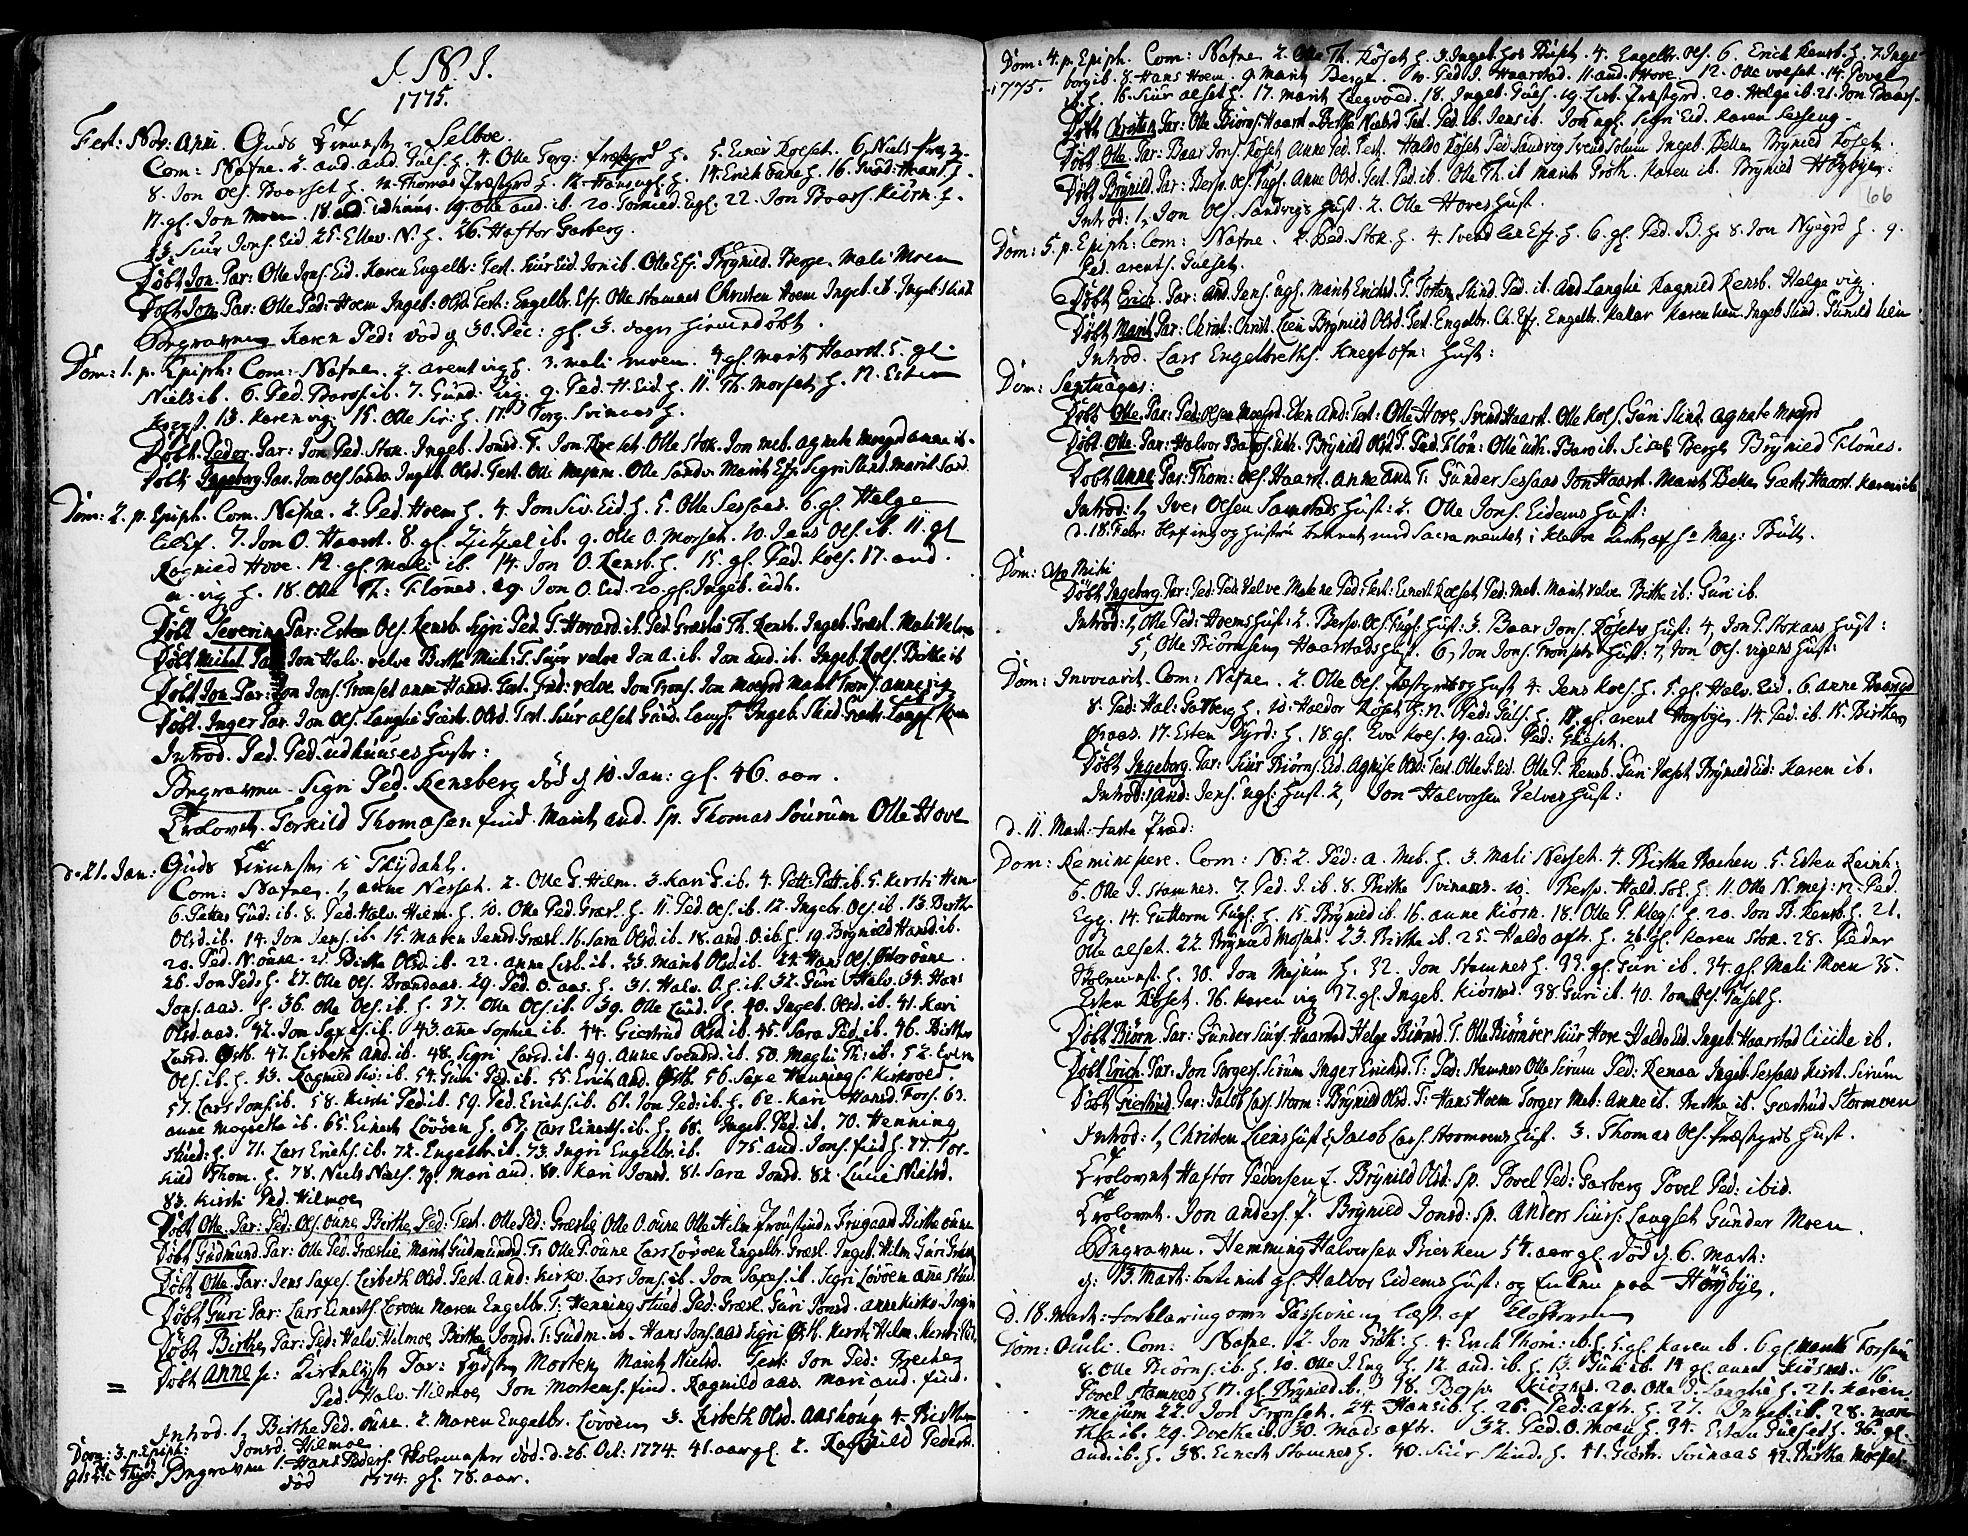 SAT, Ministerialprotokoller, klokkerbøker og fødselsregistre - Sør-Trøndelag, 695/L1138: Ministerialbok nr. 695A02 /1, 1757-1801, s. 66